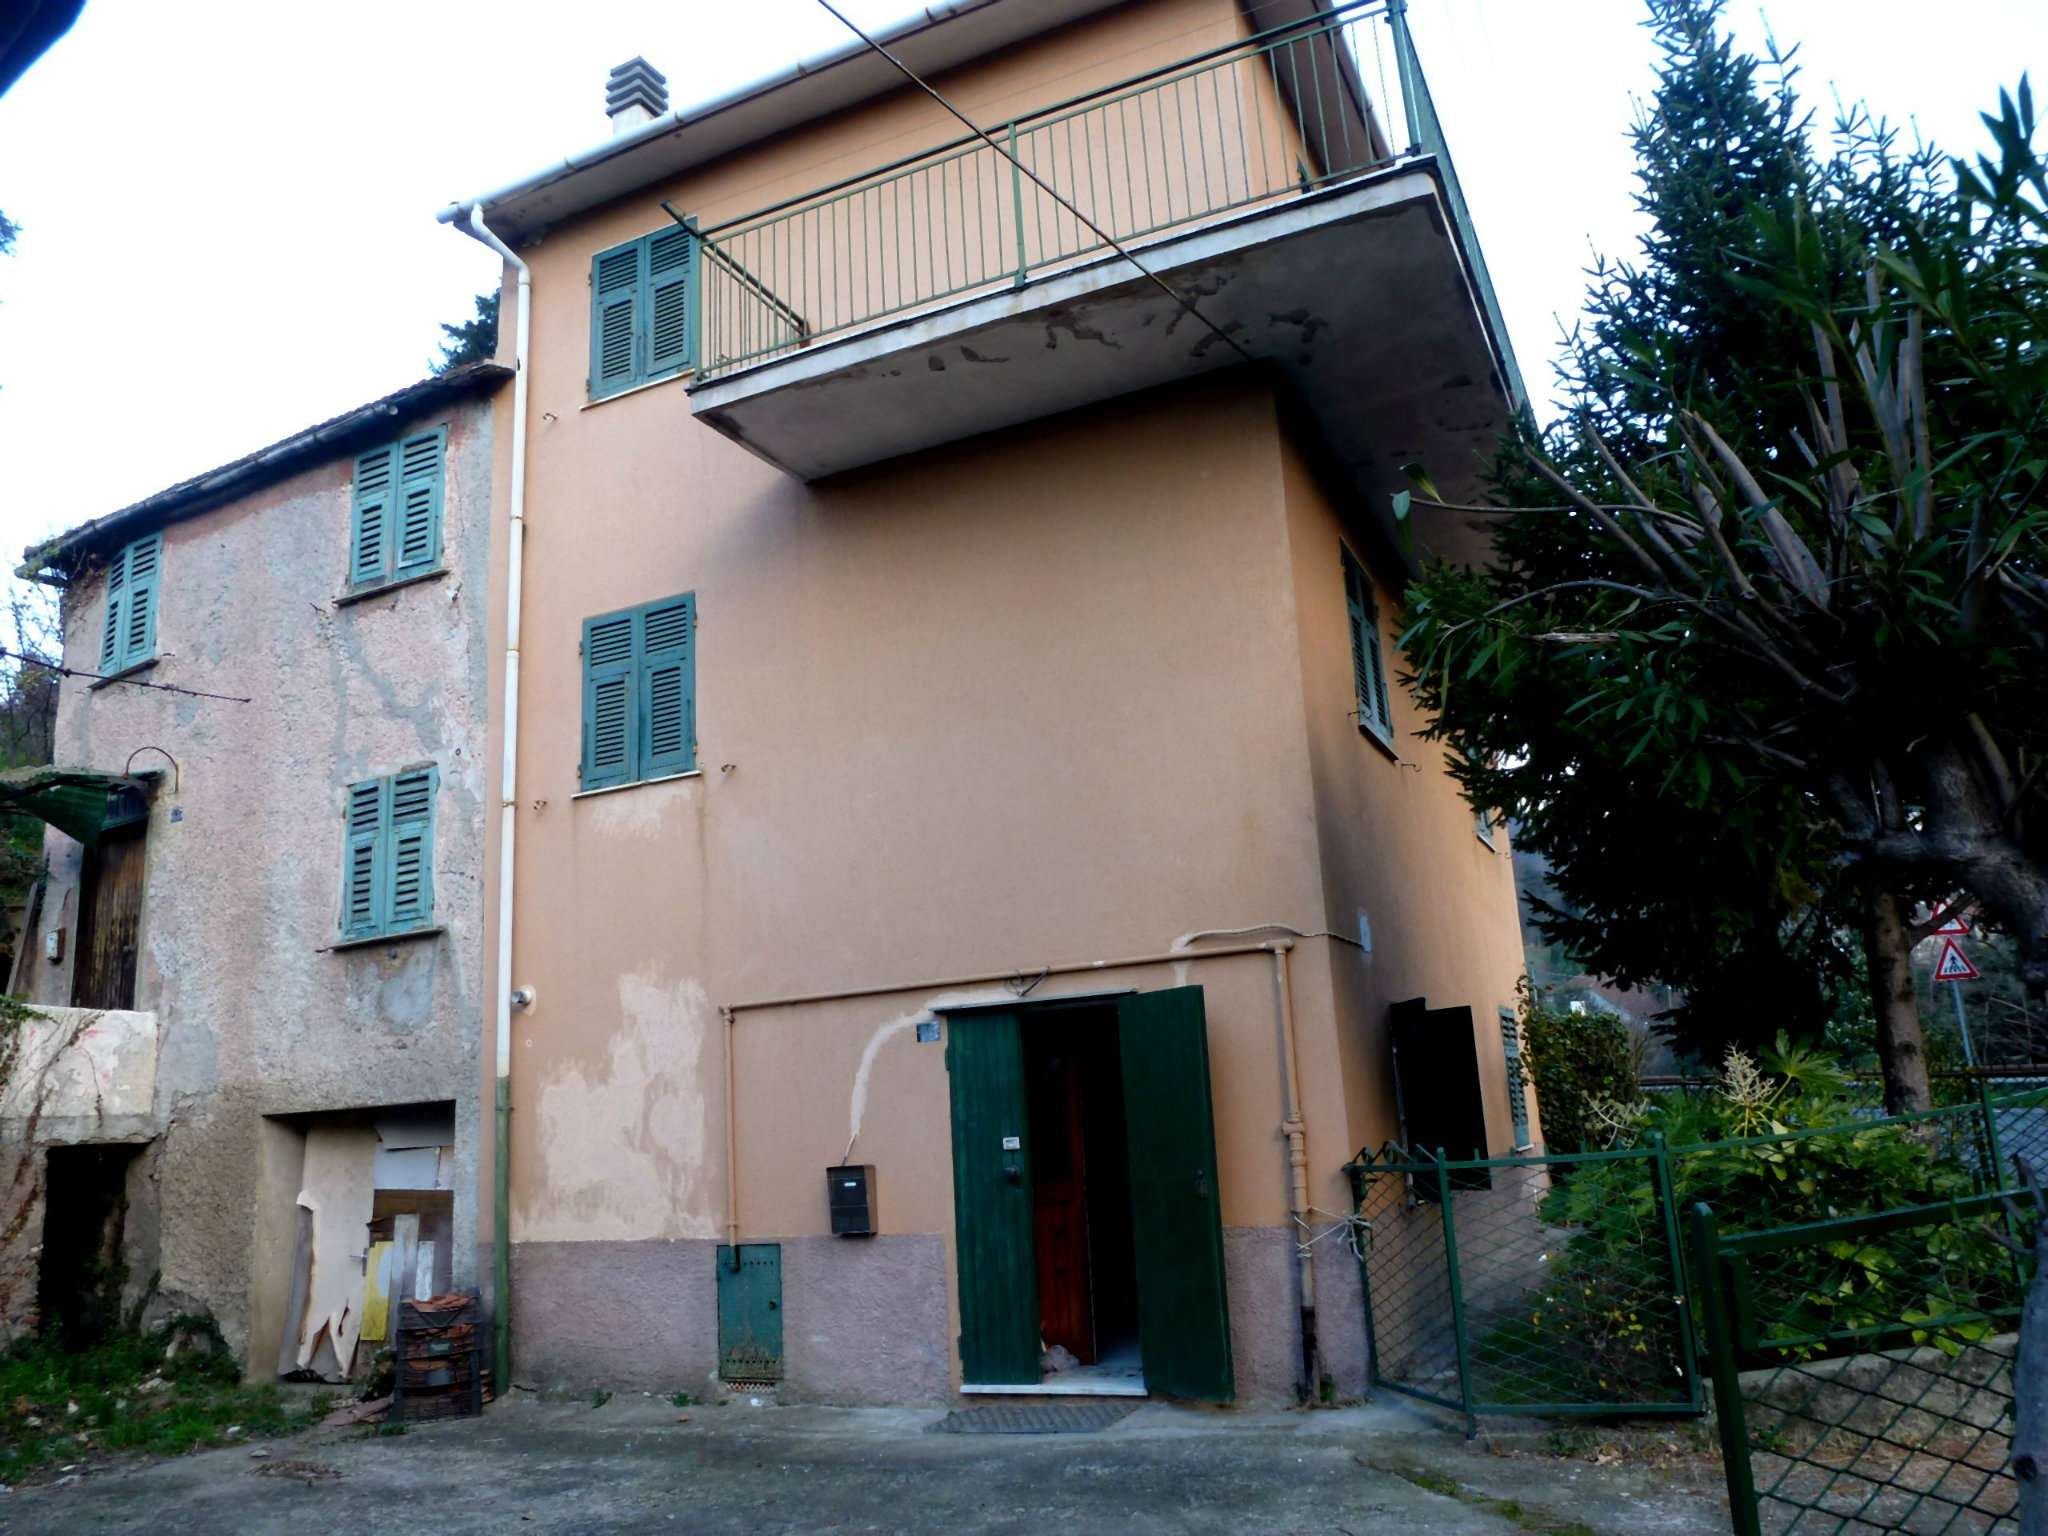 Soluzione Semindipendente in vendita a Mignanego, 6 locali, prezzo € 163.000 | Cambio Casa.it